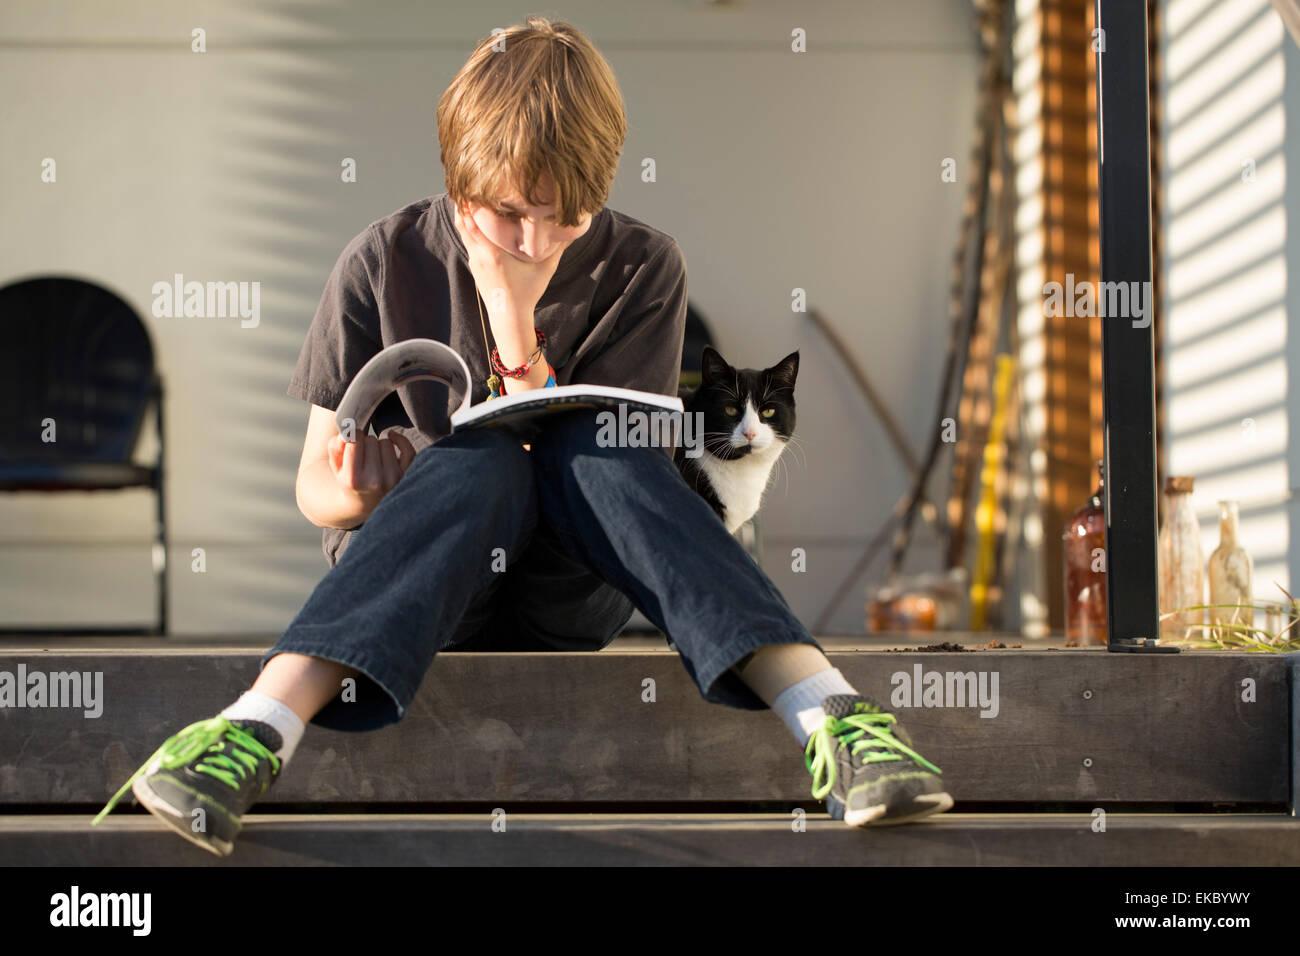 Garçon assis sur l'étape de la lecture, livre sur le chat de derrière Photo Stock